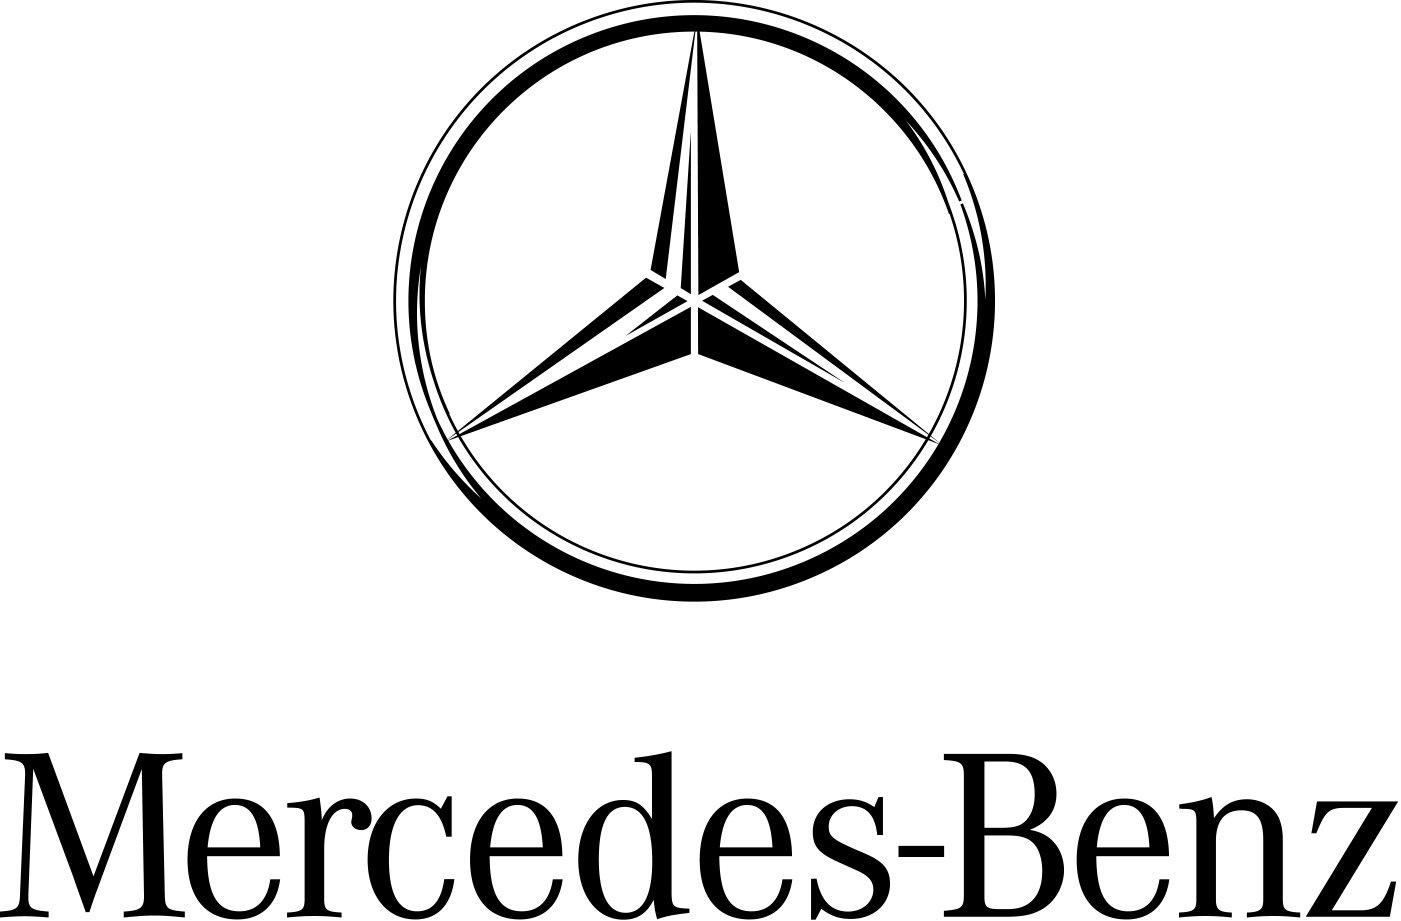 fractal mercedes logo image